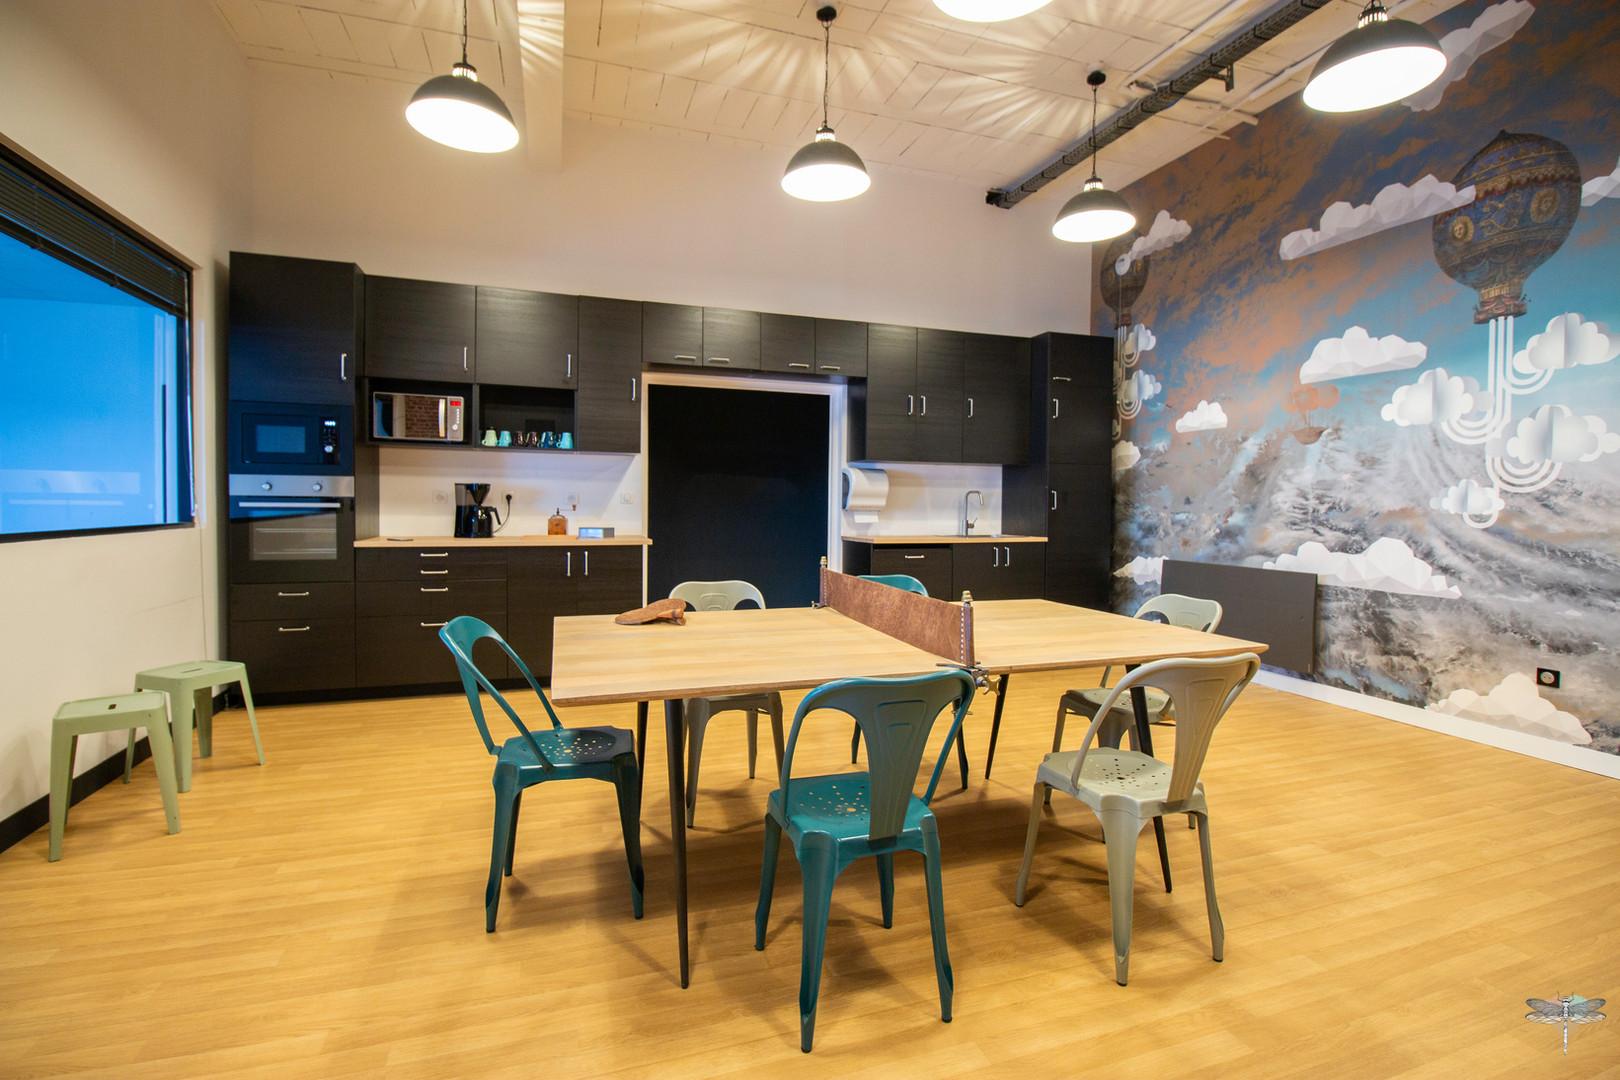 Aménagement et décoration d'un espace de bureaux professionnels à Senlis, pour DecoWorkers, par Carnets Libellule. Coralie Vasseur est votre architecte d'intérieur UFDI à Compiegne : vue d'ensemble de la salle de pause avec l'accès à la pièce par le centre de la cuisine